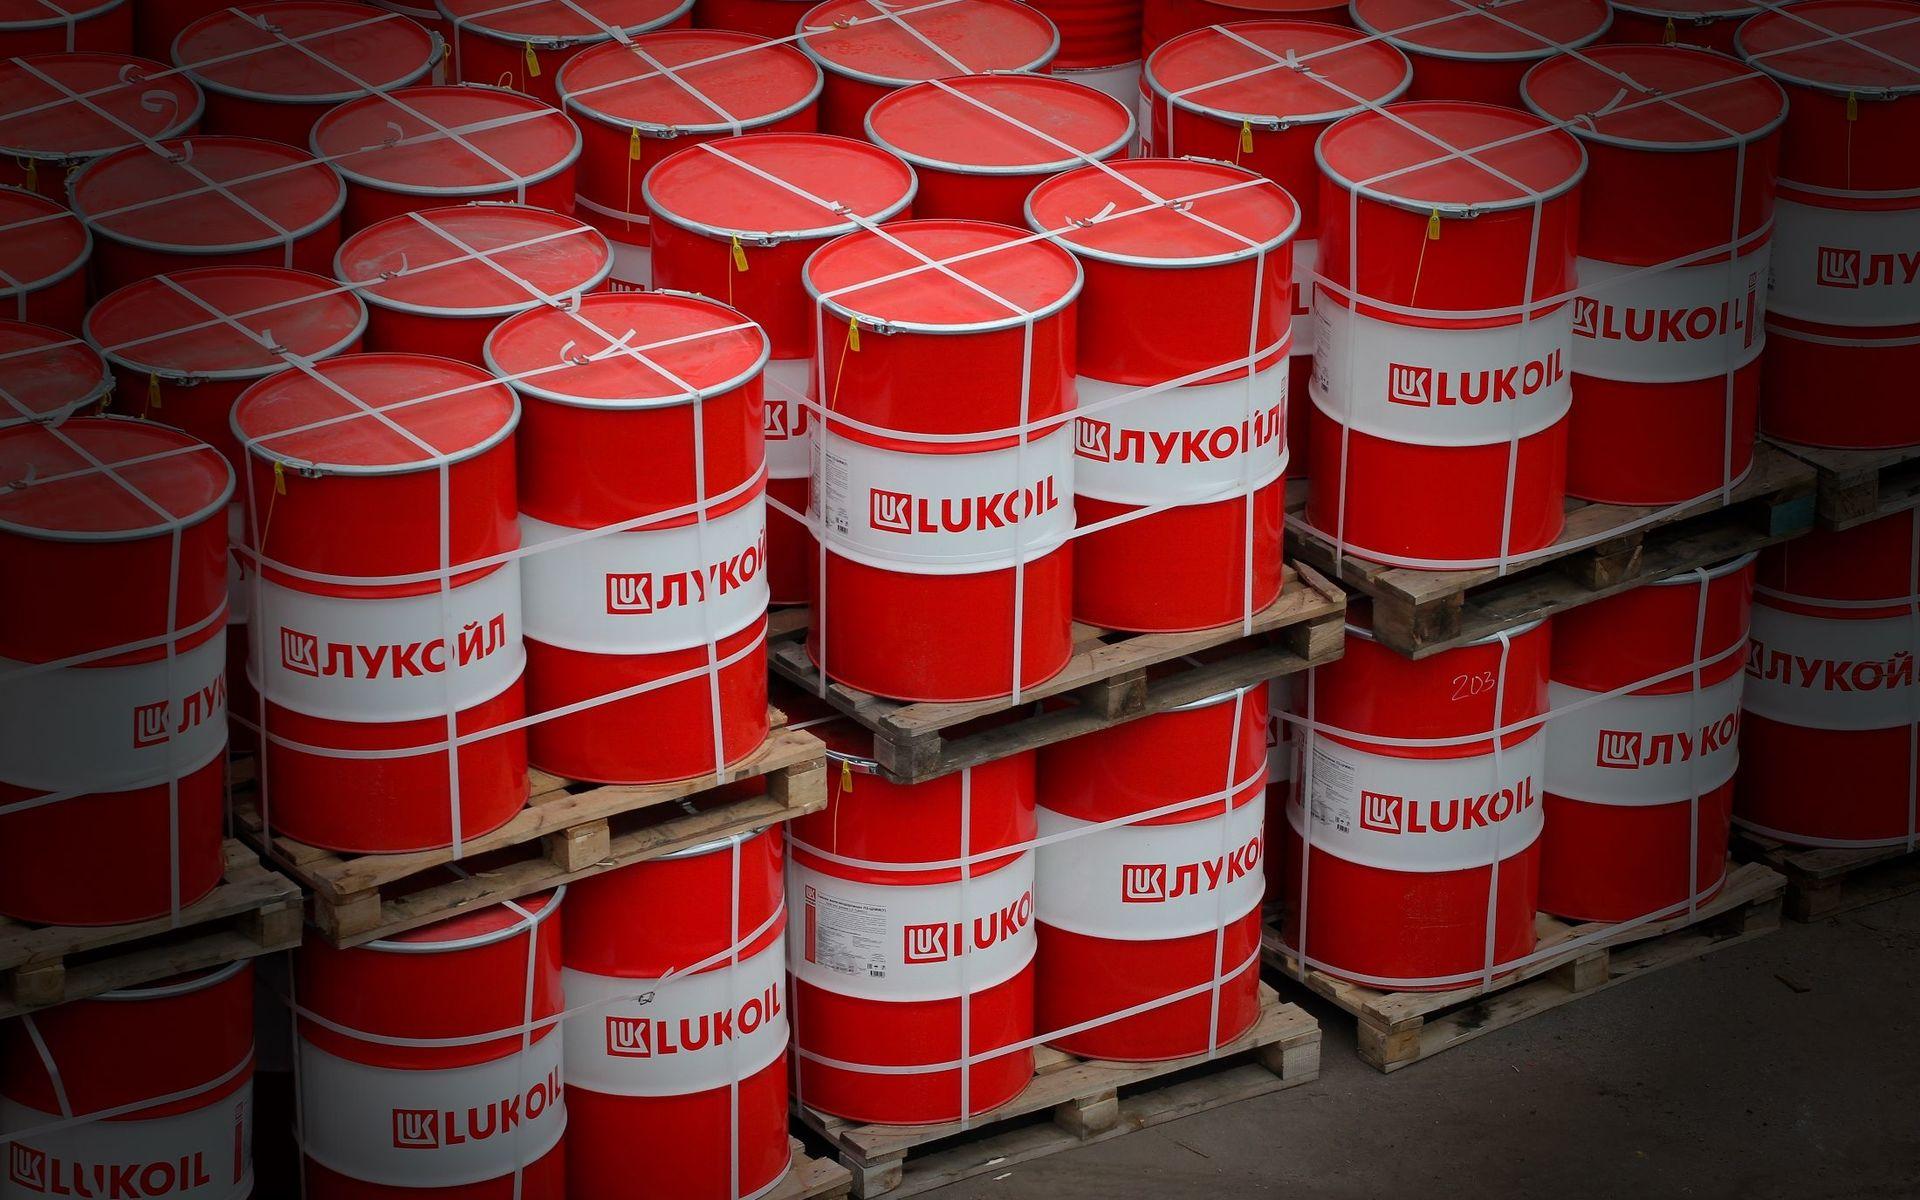 Картинки по запросу фото Нефть обвалилась — но цены на бензин в России будут расти: как это? Объясняют эксперты